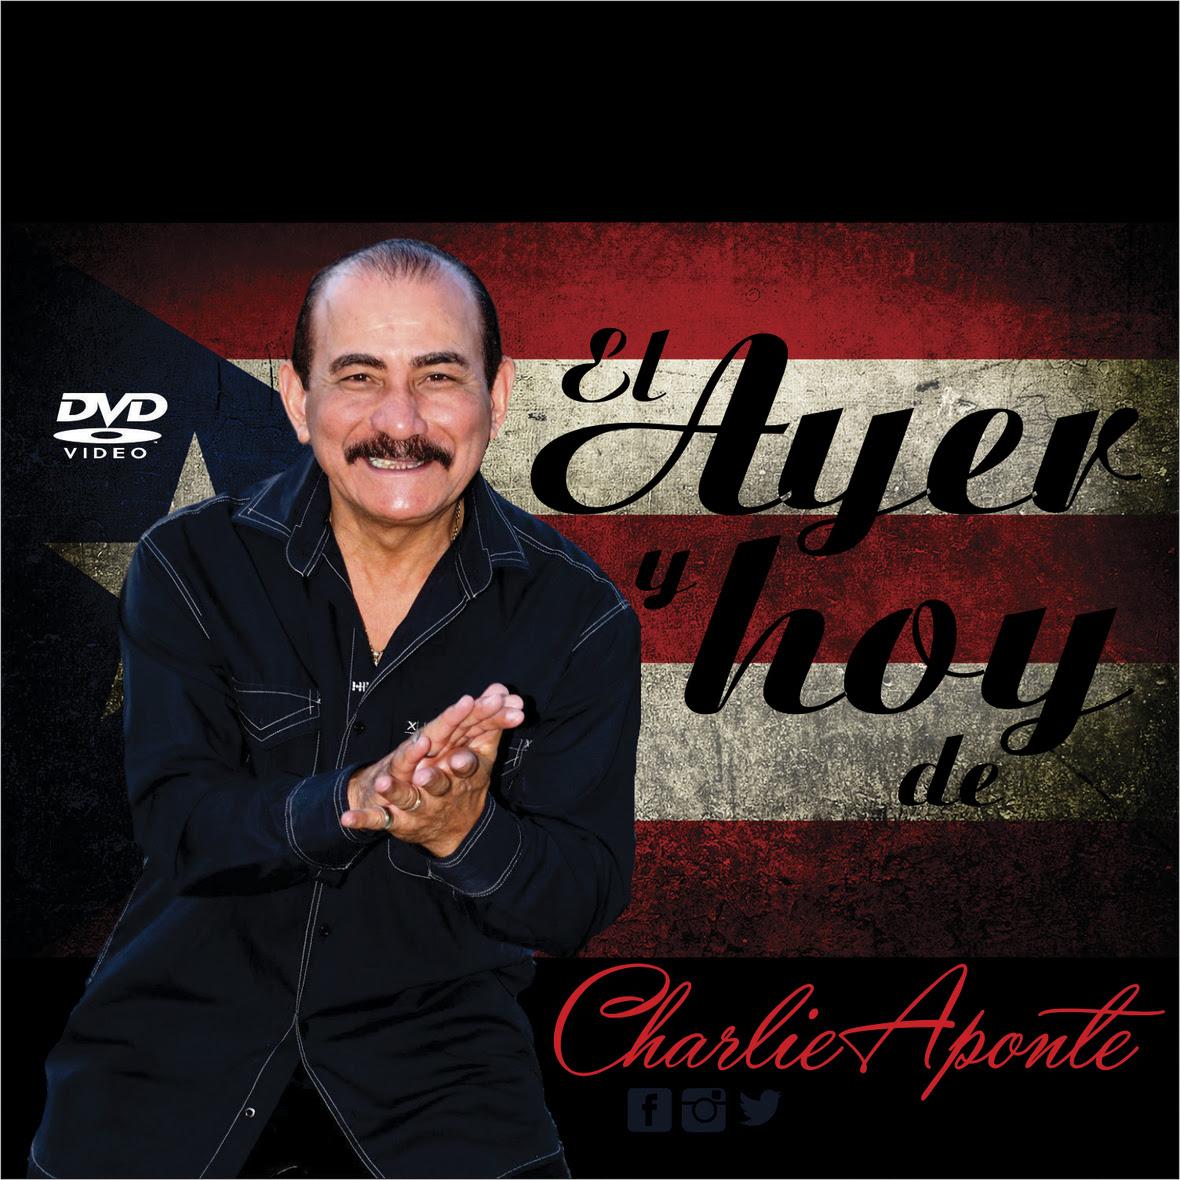 AG - DVD CHARLIE APONTE PORT PR